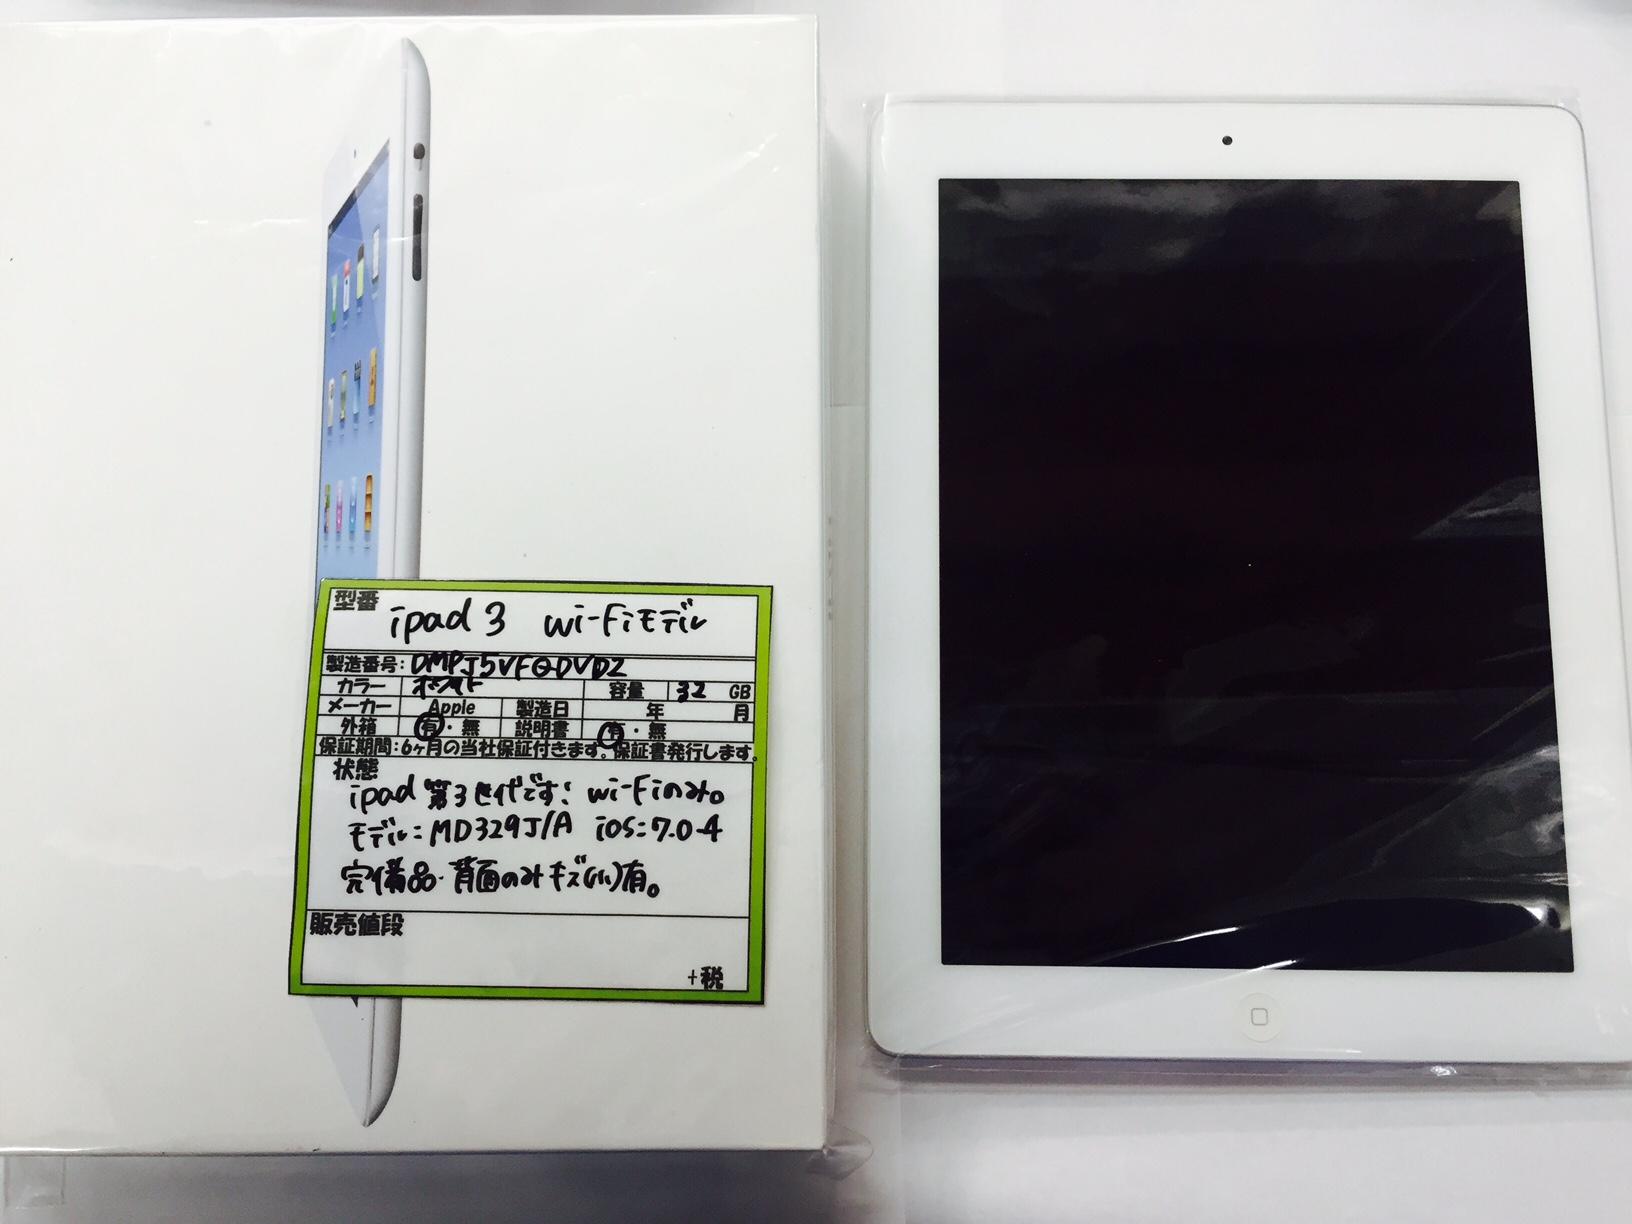 iPad3 Wi-Fi MD329J